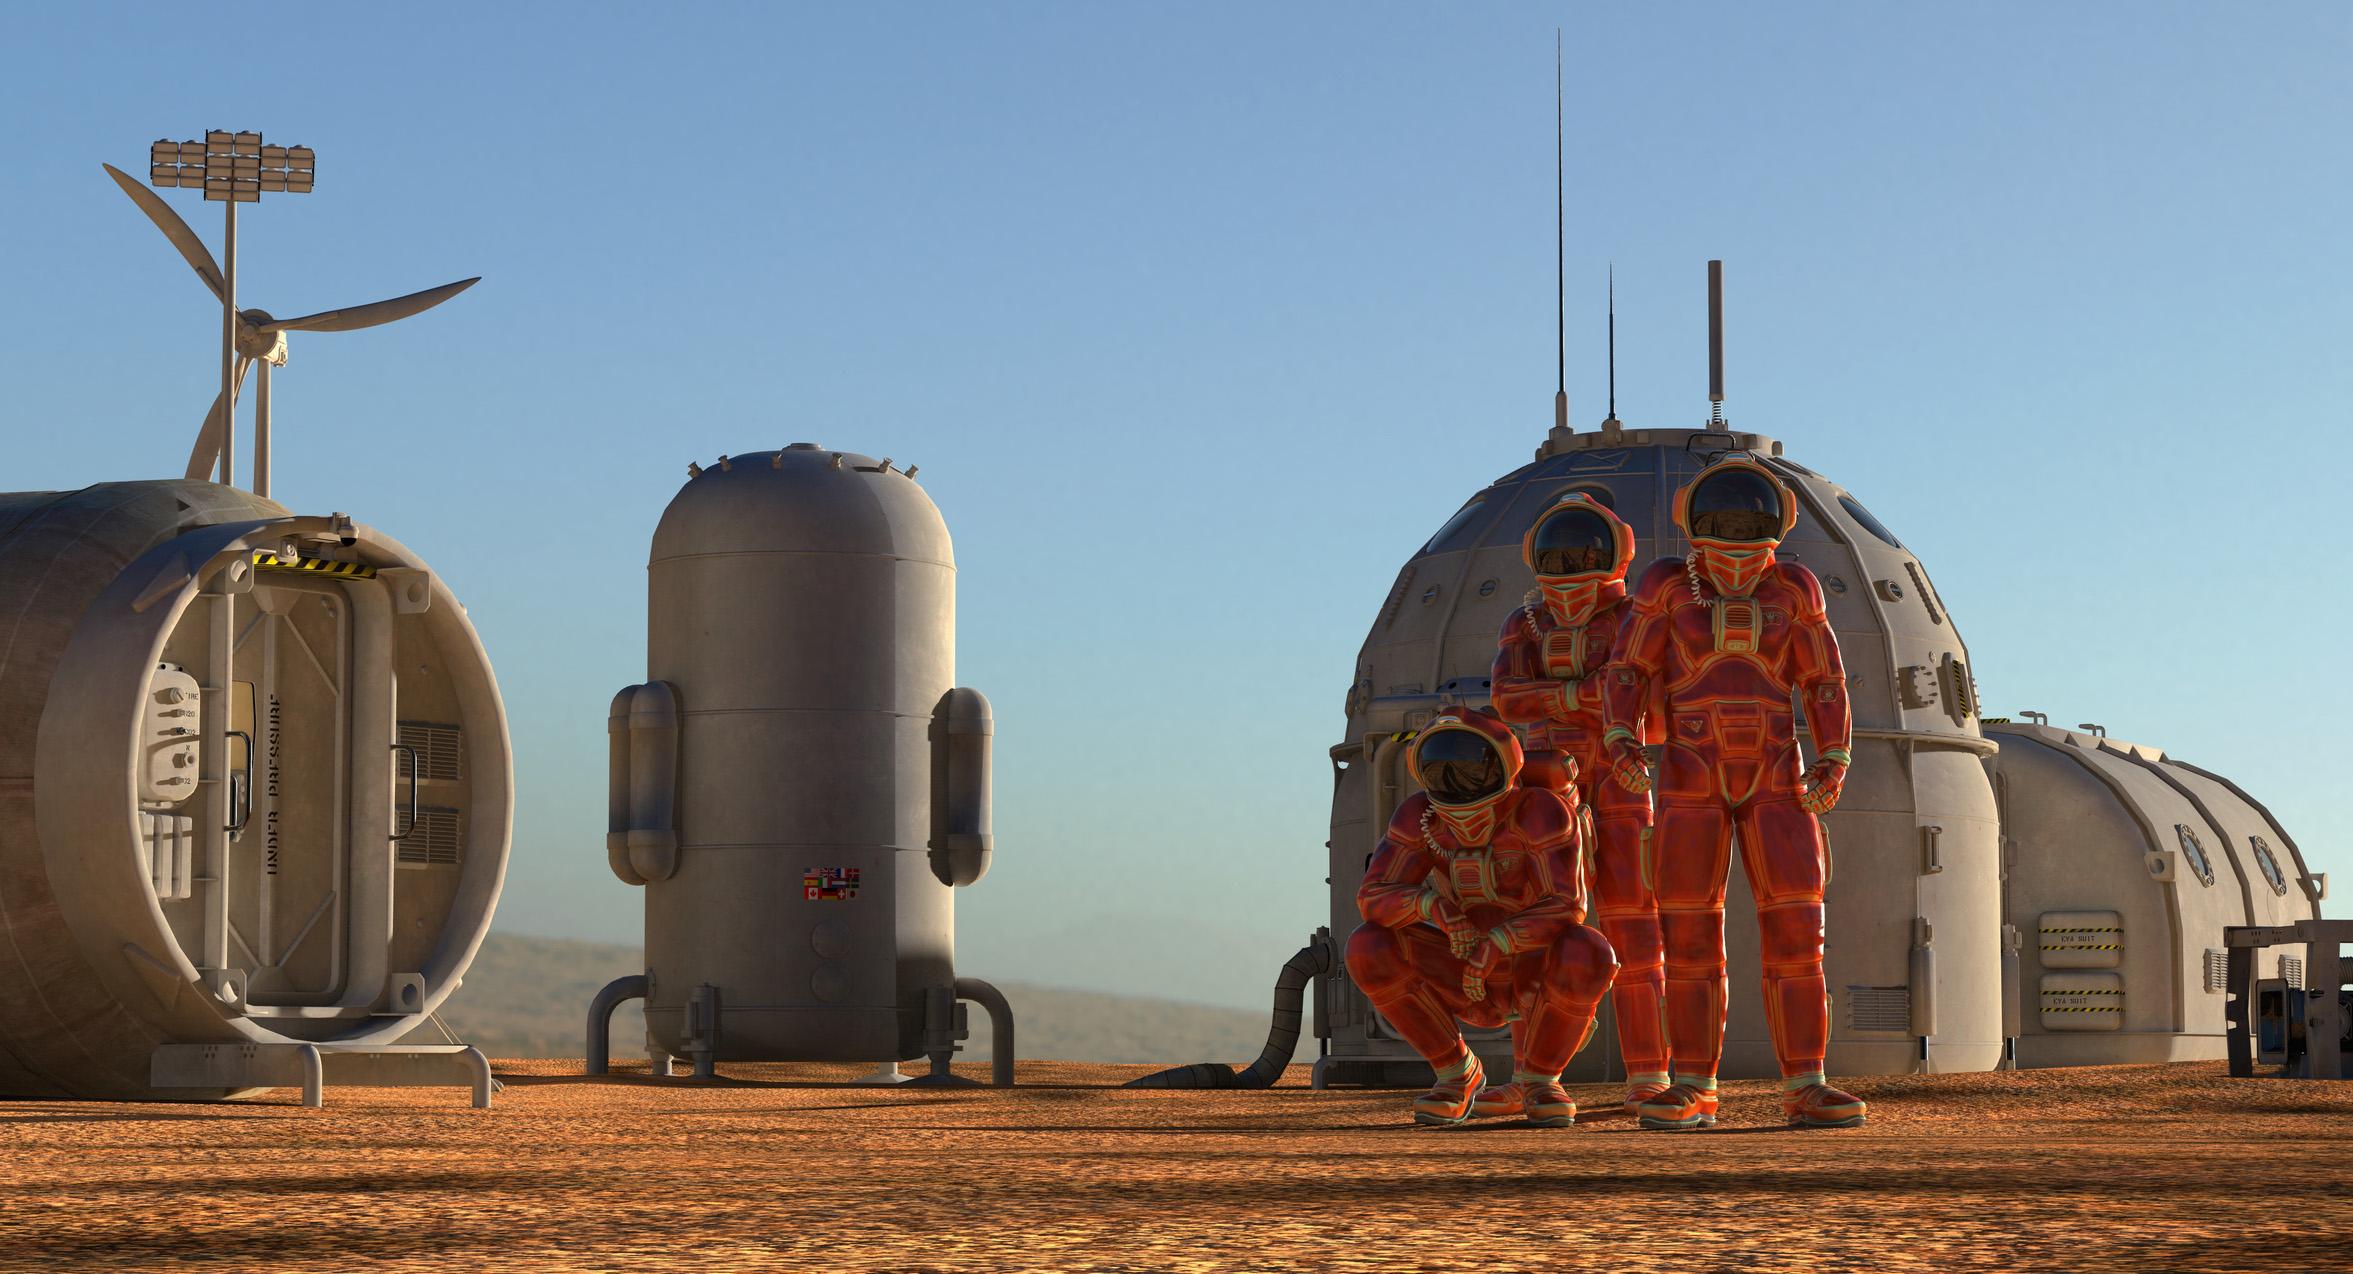 El cultivo y la electricidad marciana traen problemas